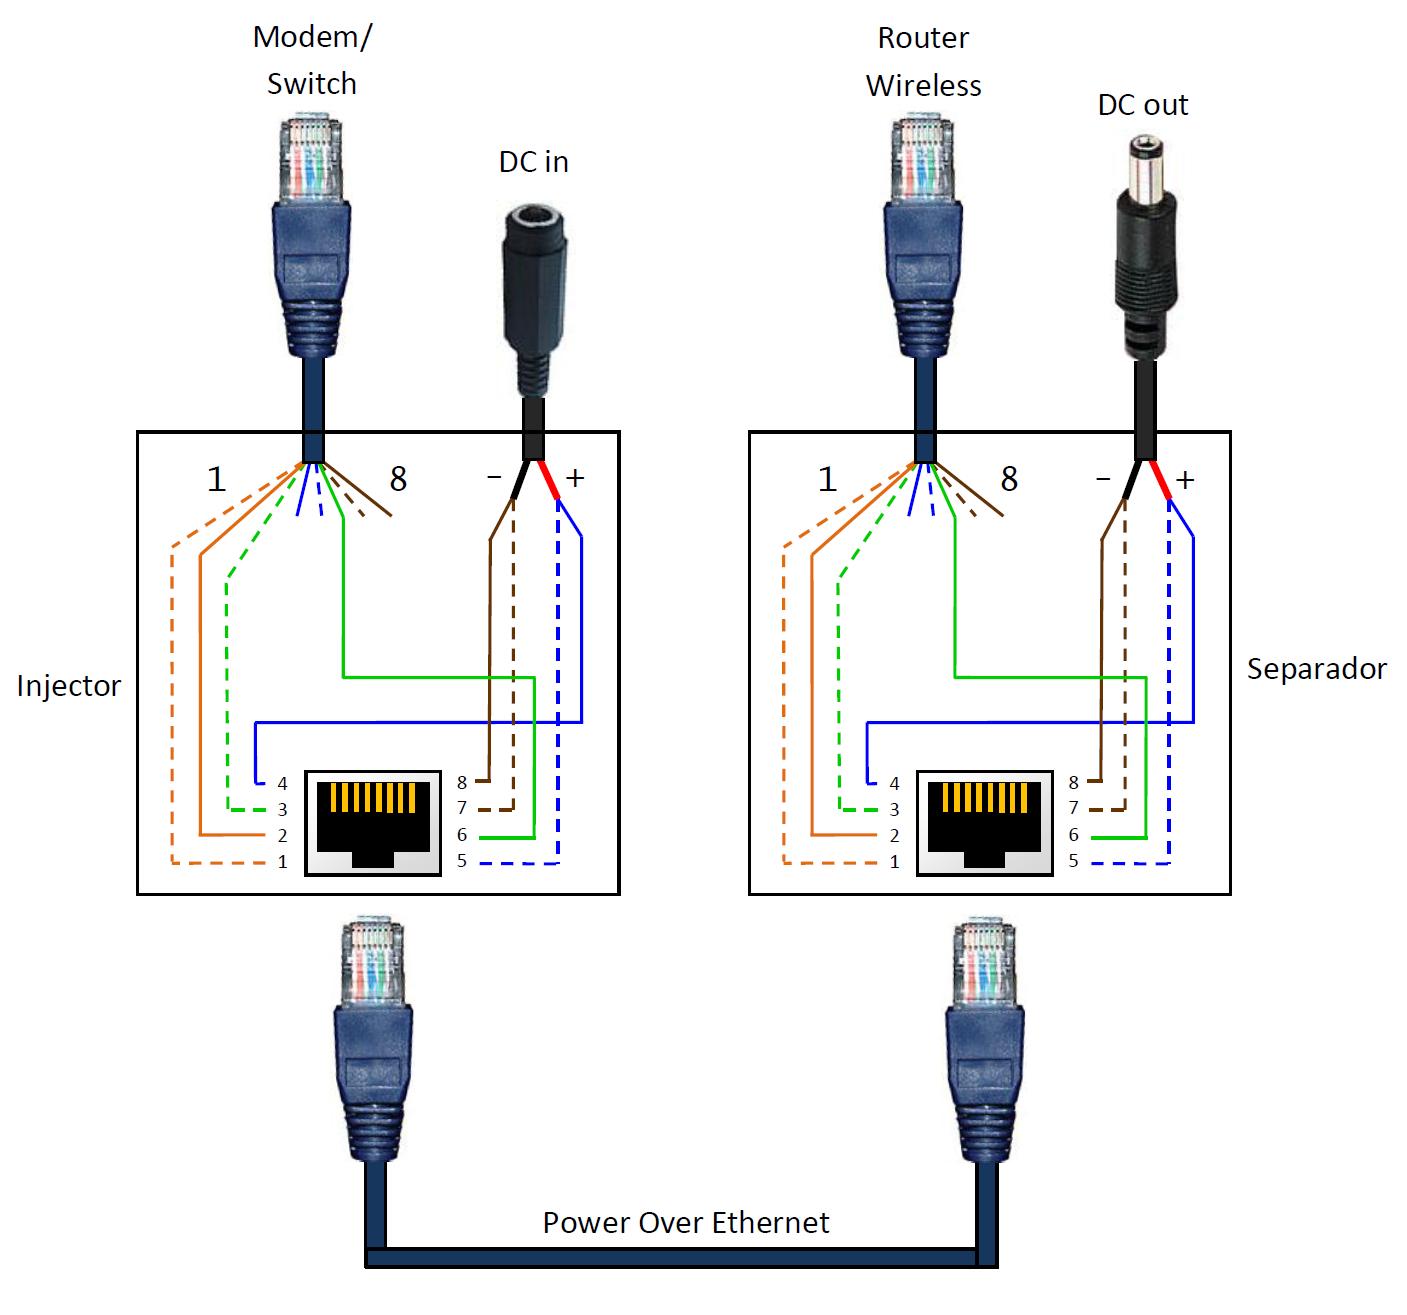 Poe Rj45 Pinout Diagram | Wiring Diagram - Poe Ip Camera Wiring Diagram